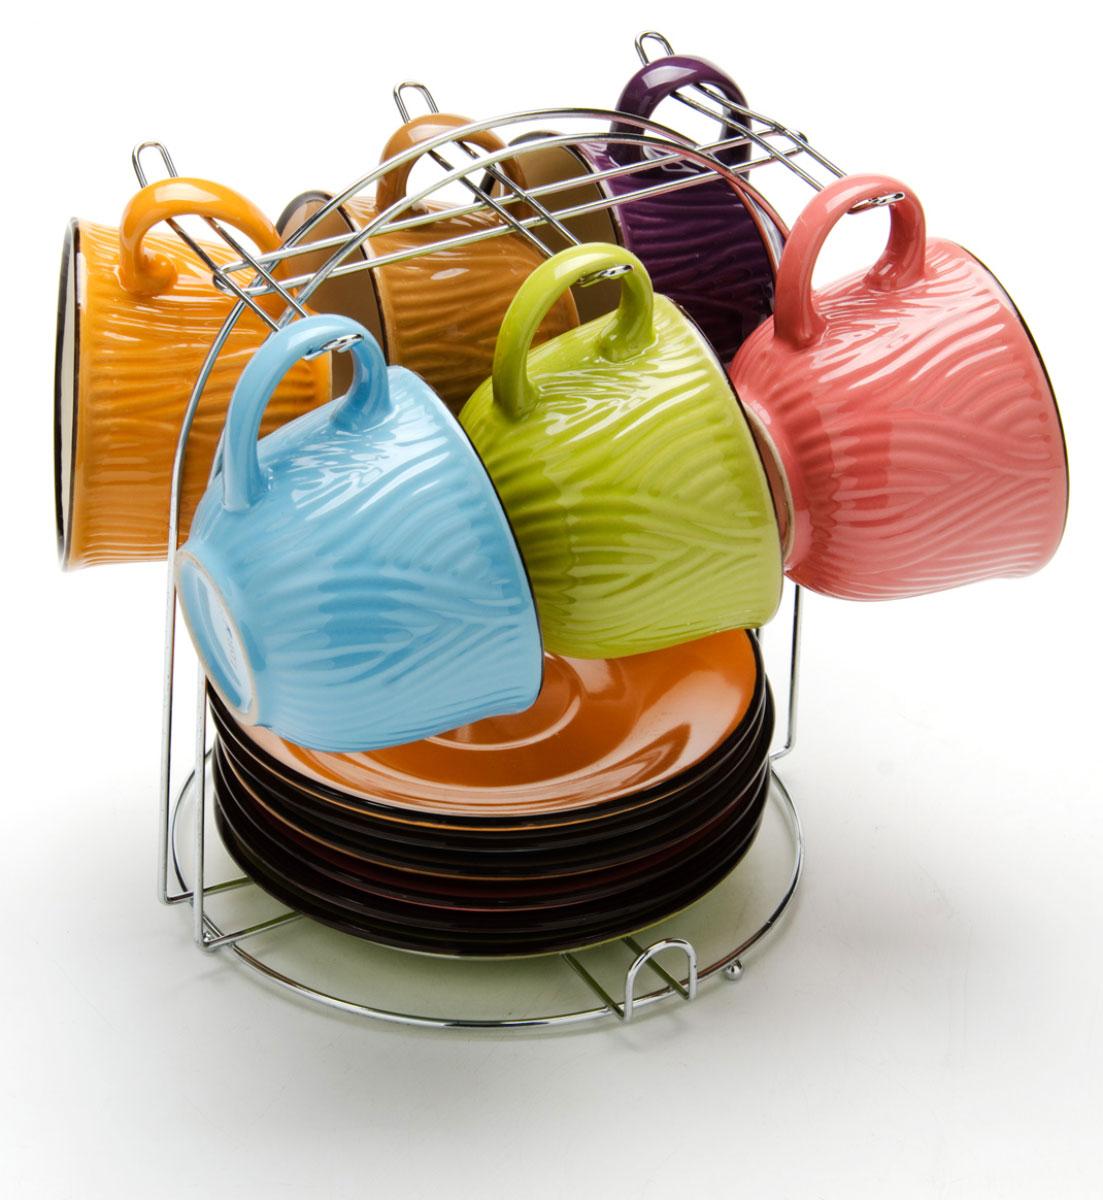 Набор чашек Loraine, на подставке, 13 предметов. 2465124651Этот набор состоит из 6 чашек (220 мл) + 6 блюдец и металлическая подставка. Теплостойкие ручки.Элегантный дизайн. Изящный дизайн придется по вкусу и ценителям классики, и тем, кто предпочитает утонченность и изысканность. Он настроит на позитивный лад и подарит хорошее настроение с самого утра. В комплекте - металлическая подставка. Набор кружек LORAINE - идеальный и необходимый подарок для вашего дома и для ваших друзей в праздники.